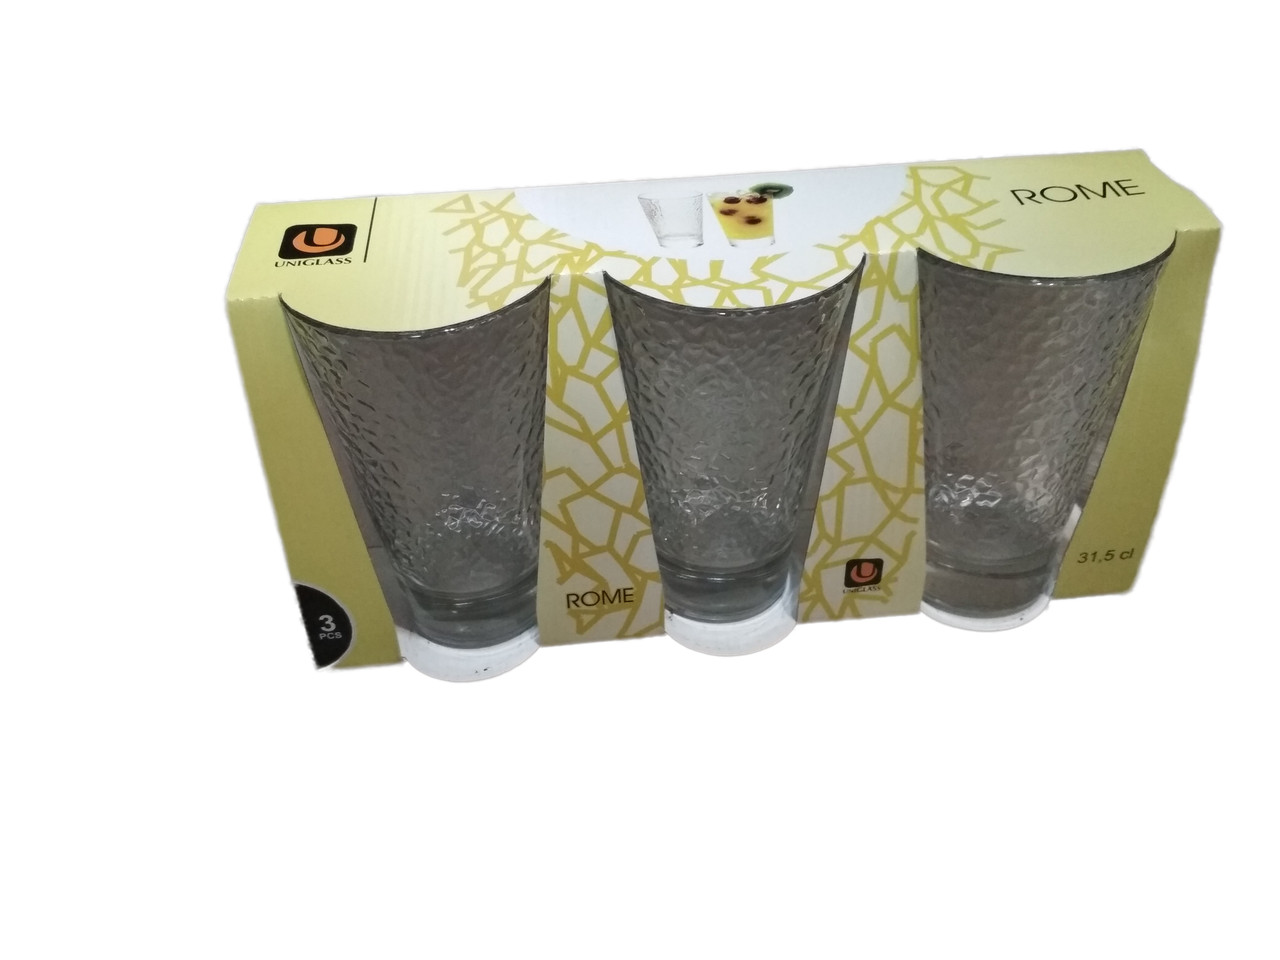 Набор стаканов 315 мл 3 шт высоких стеклянных для рома UniGlass ROME